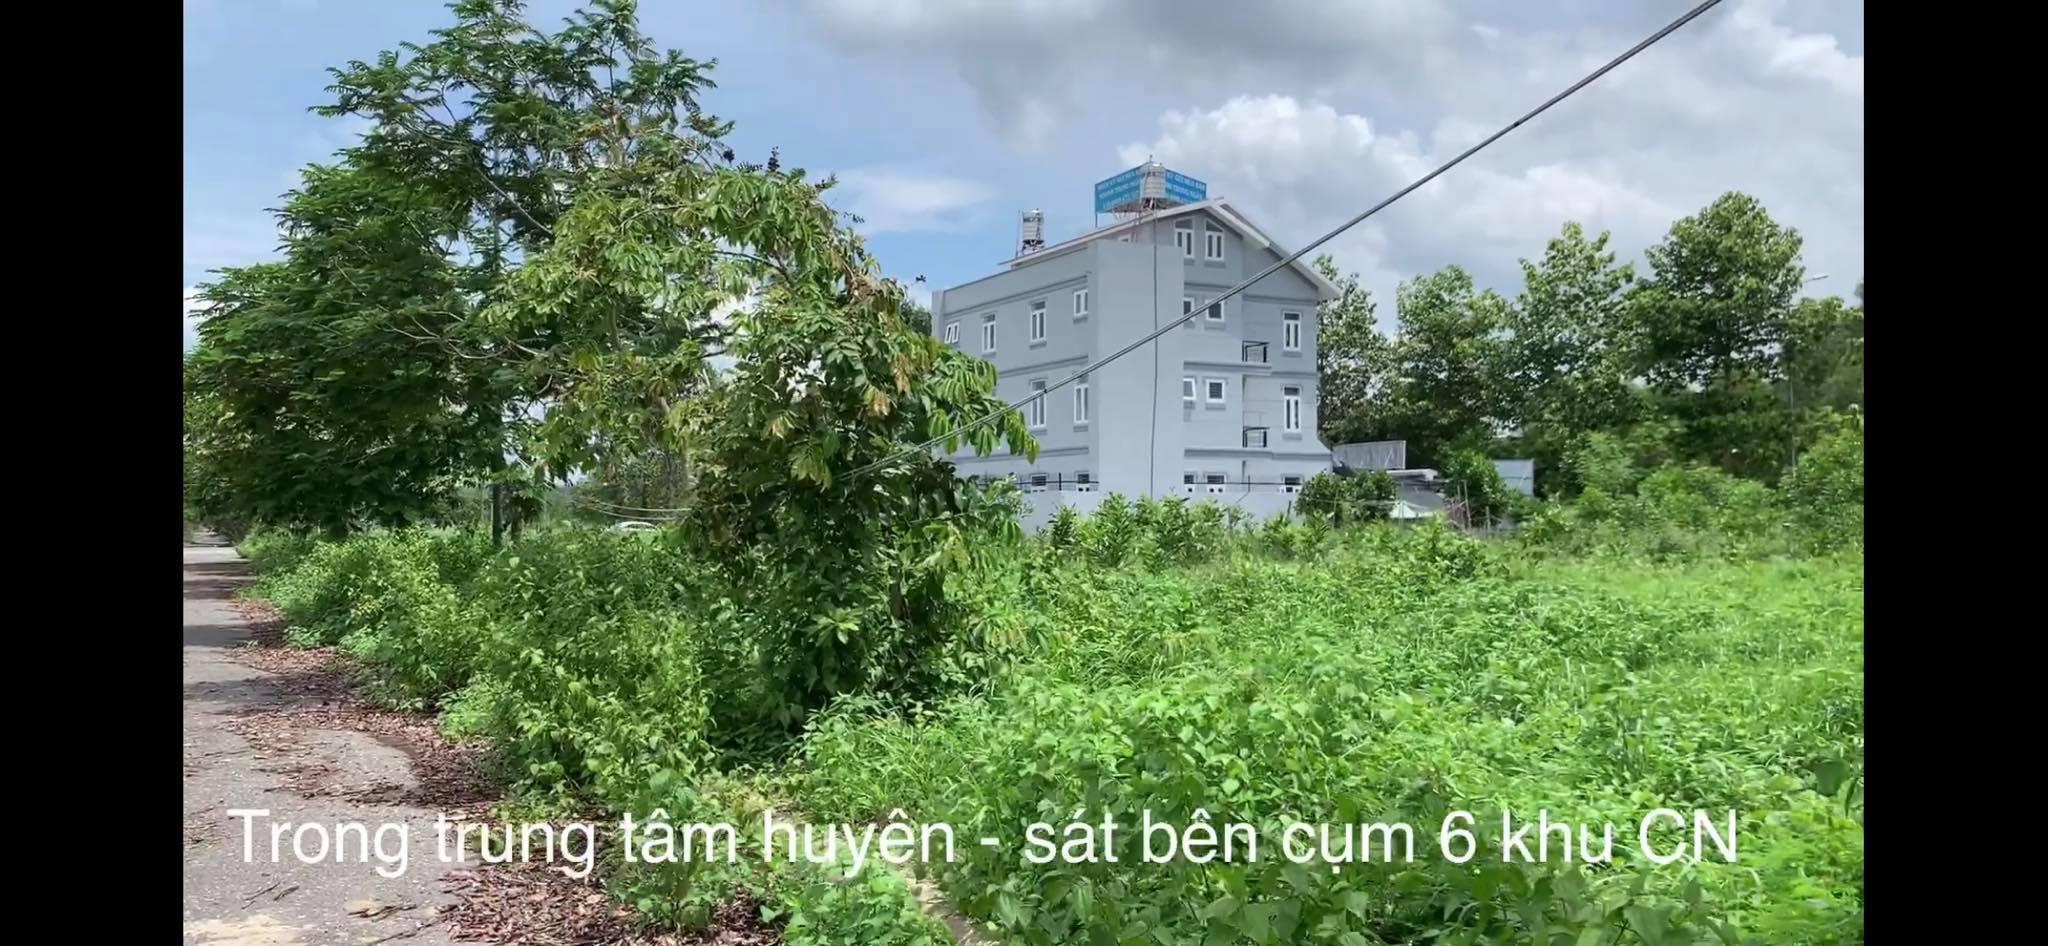 Lô đất HUD Xây Dựng Hà Nội Nhơn Trạch Đồng Nai